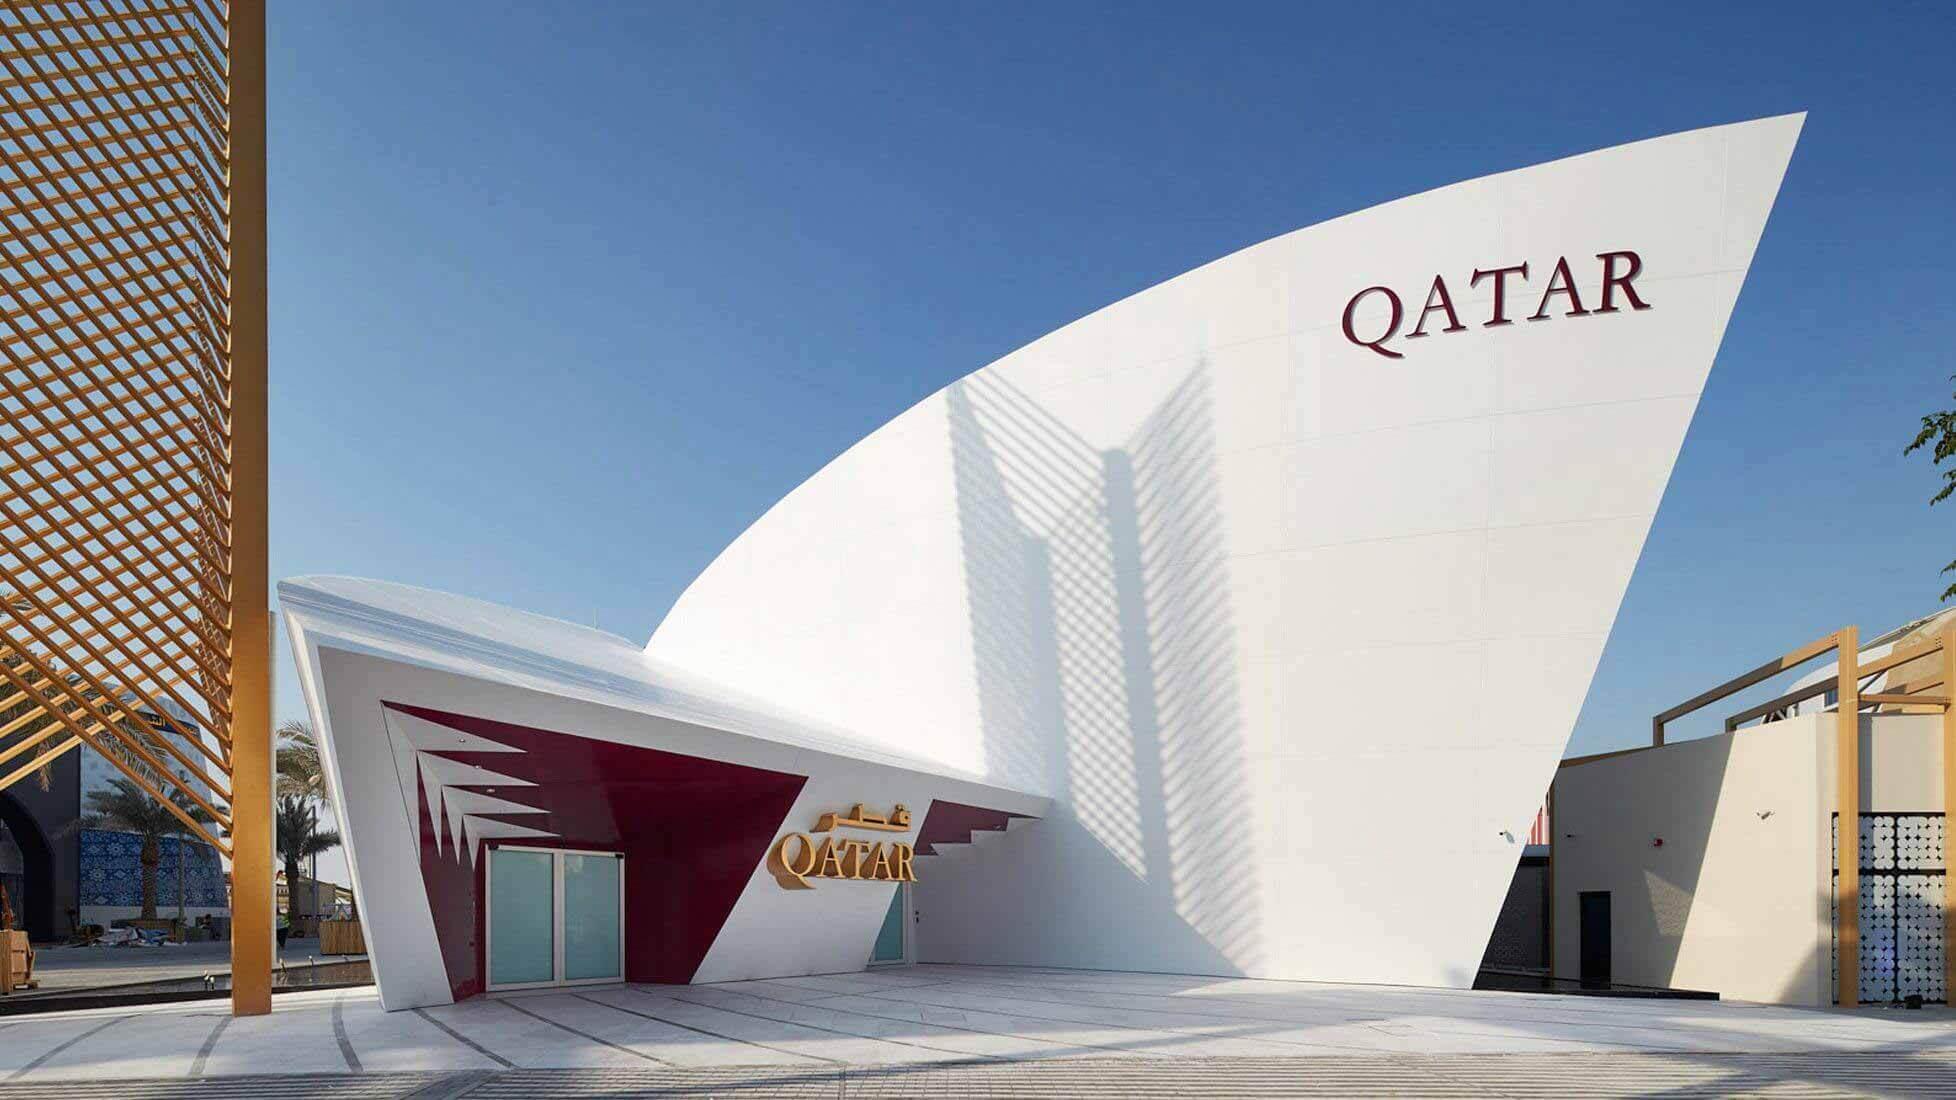 Сантьяго Калатрава представляет павильон Катара на выставке Expo 2020 Dubai